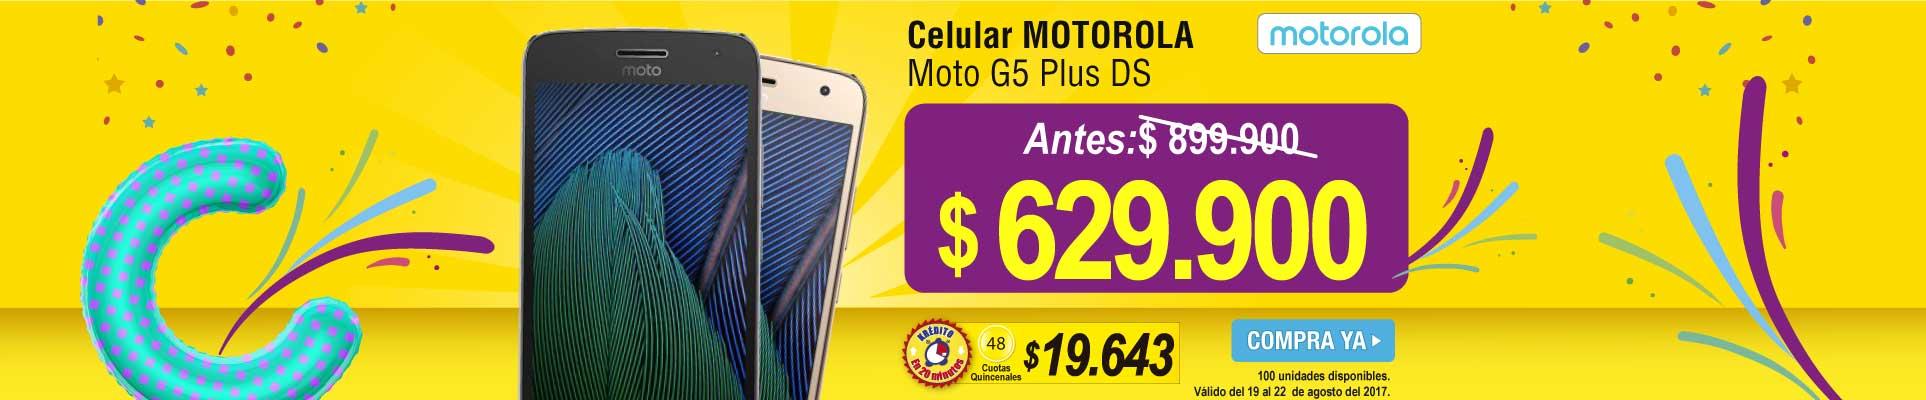 Celular MOTOROLA Moto G5 Plus DS - banner principal